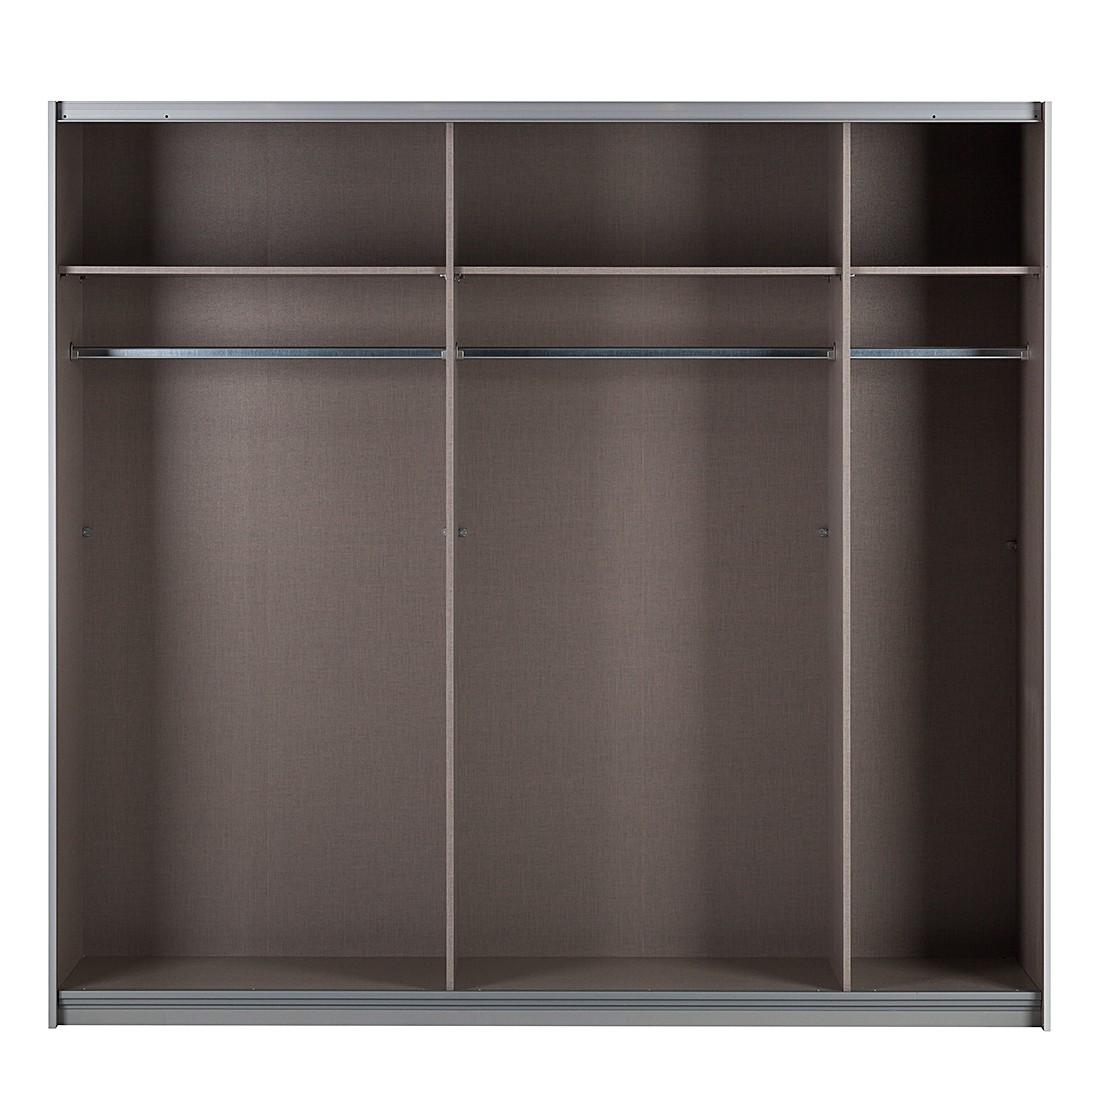 Schwebetürenschrank grau eiche  Rauch Pack´s Schwebetürenschrank – für ein schönes Zuhause | home24